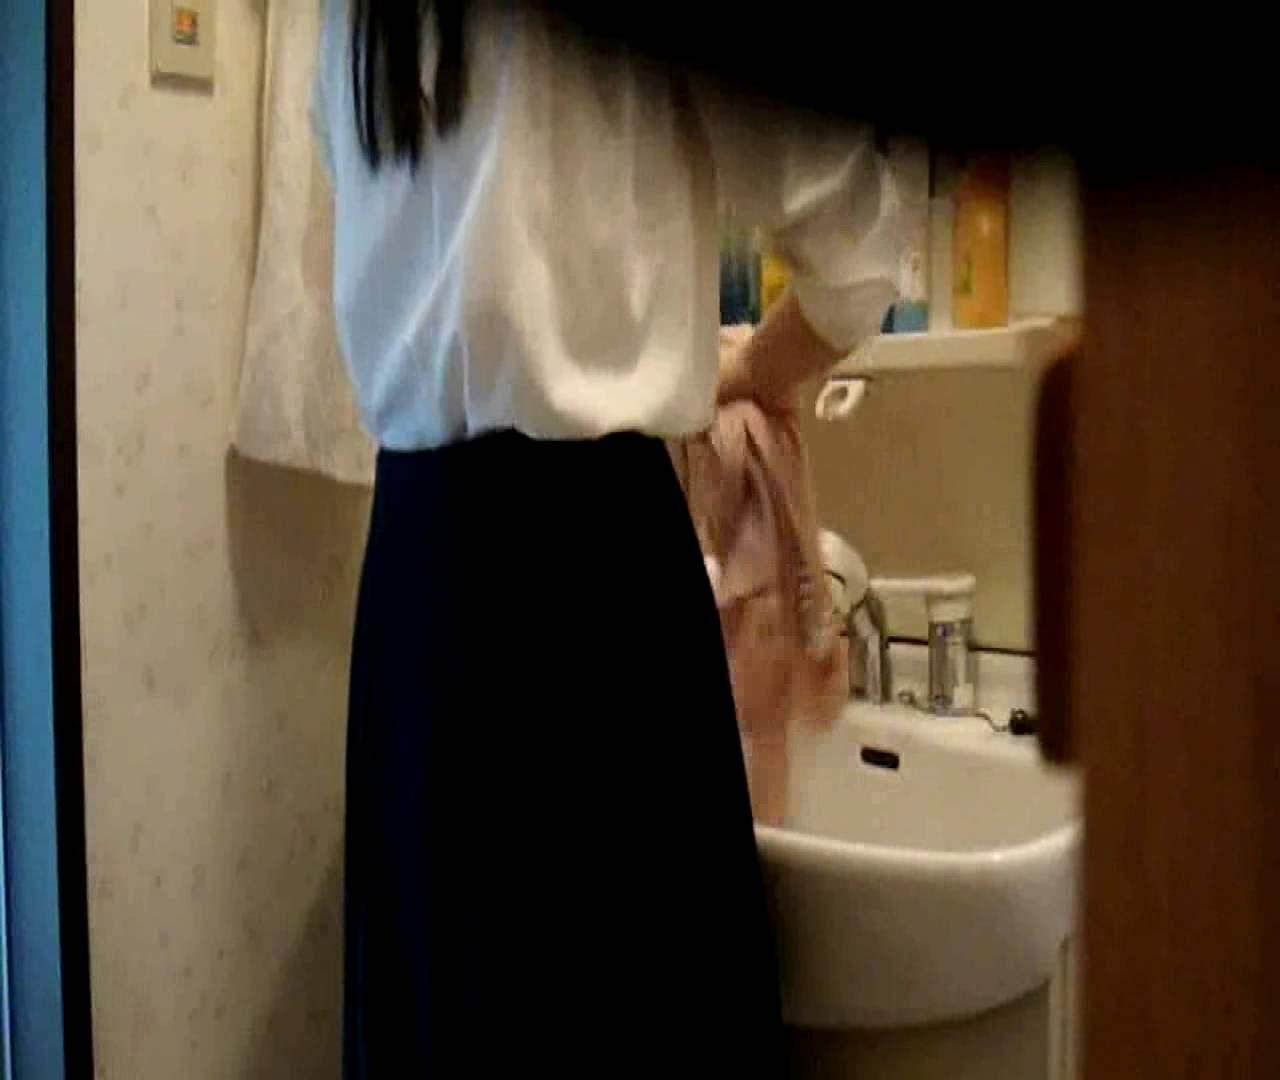 二人とも育てた甲斐がありました… vol.05 まどかが洗顔後にブラを洗濯 盗撮シリーズ | おまんこ見放題  79PIX 17